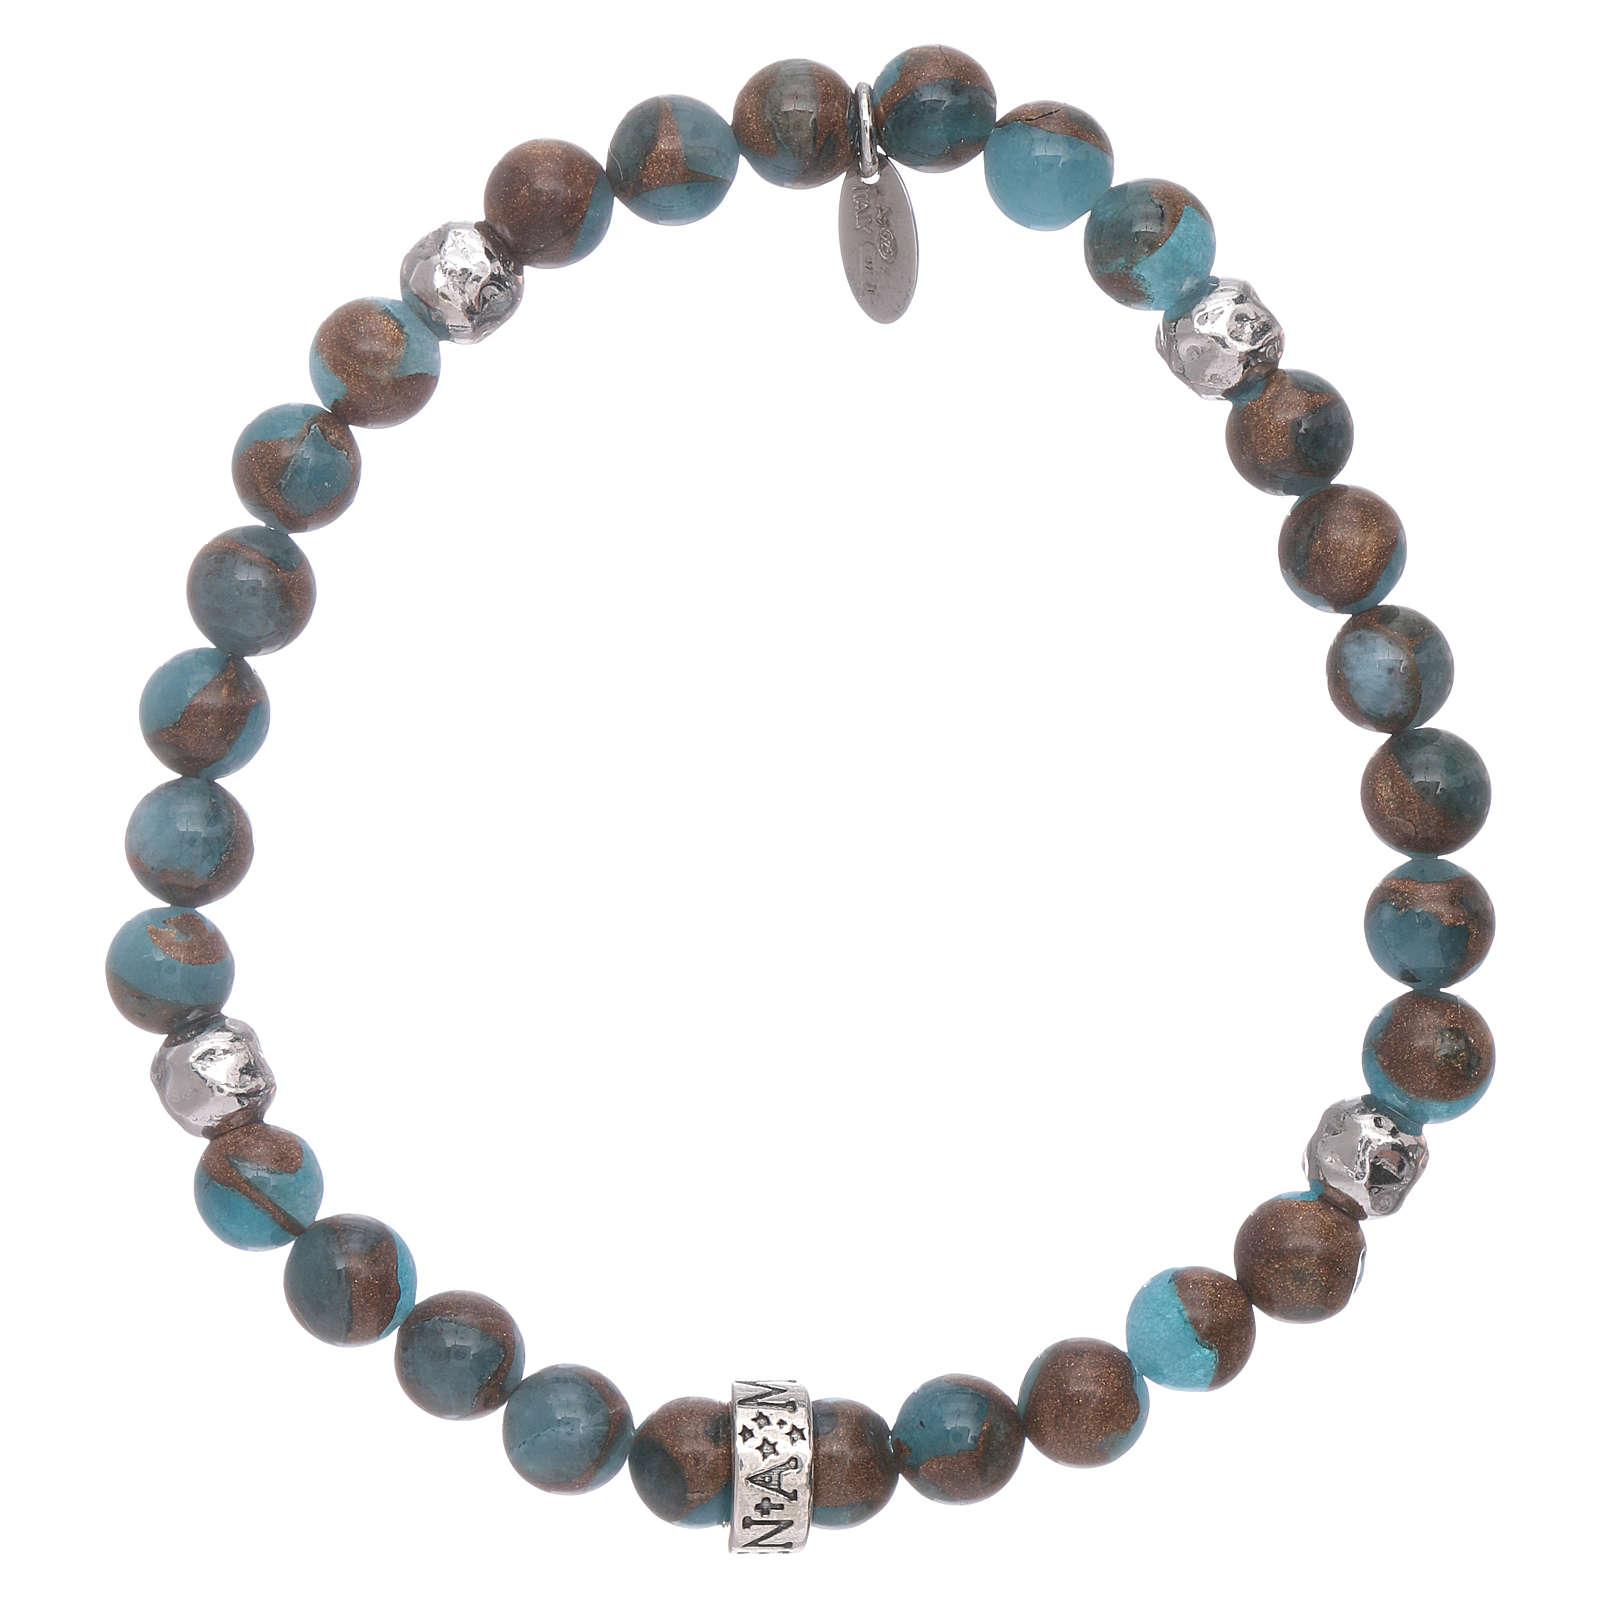 Armband AMEN hellblaue Achat und Silber Perlen 4